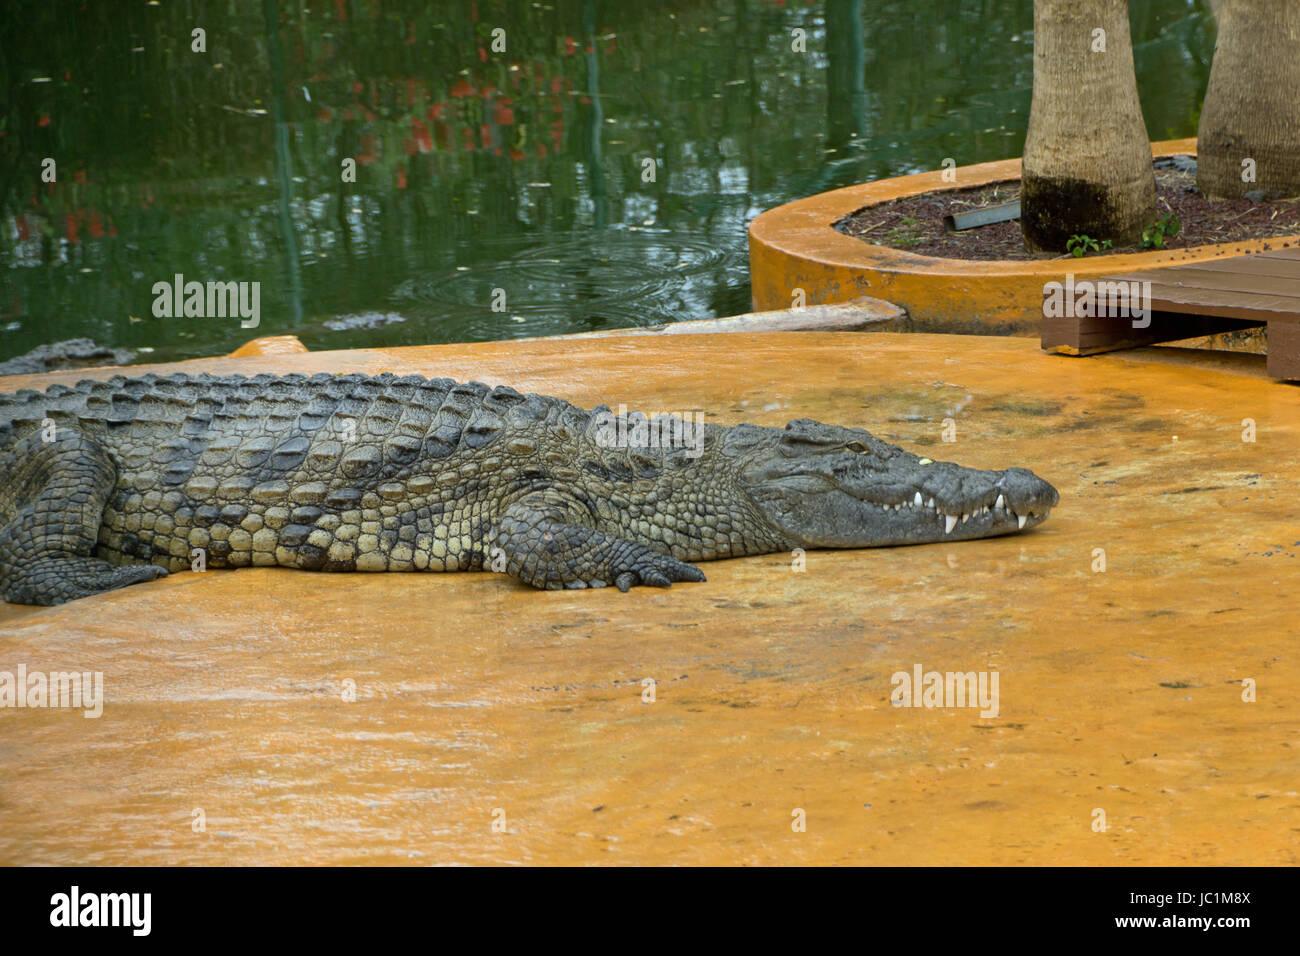 animal crocodile - Stock Image